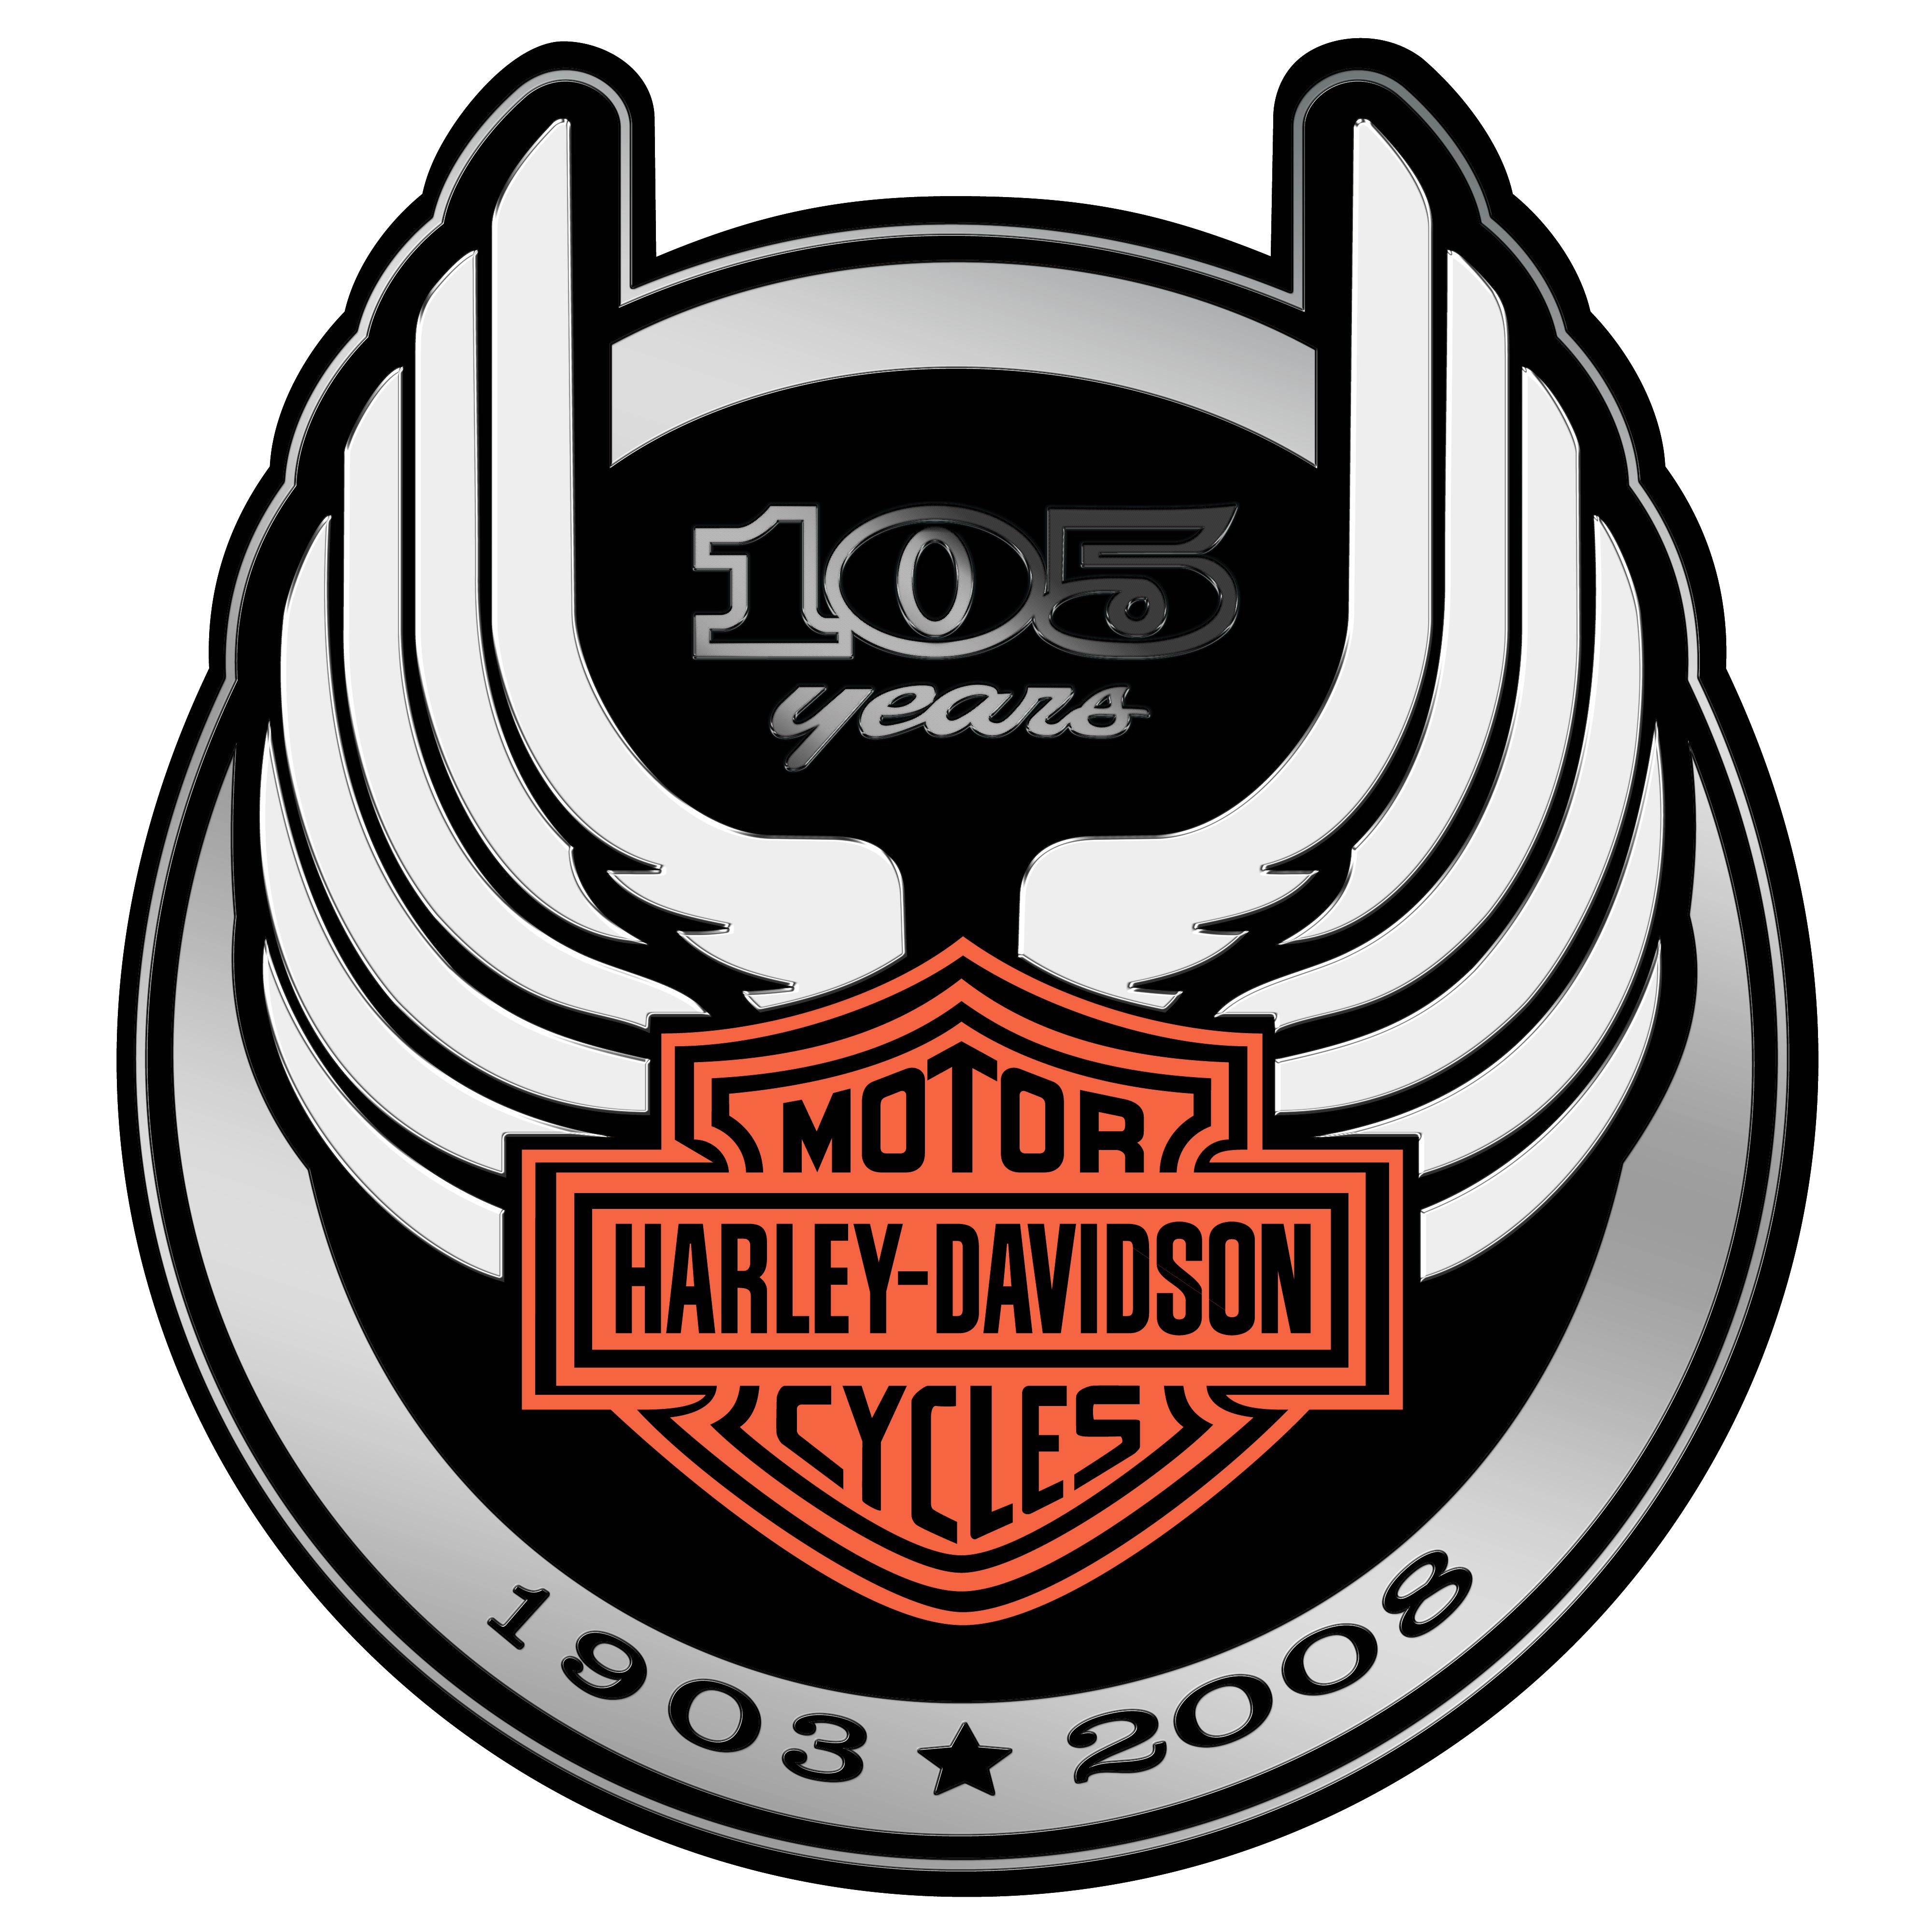 harley davidson logo drawing at getdrawings com free for personal rh getdrawings com harley davidson logo vector ai harley davidson logo vector art